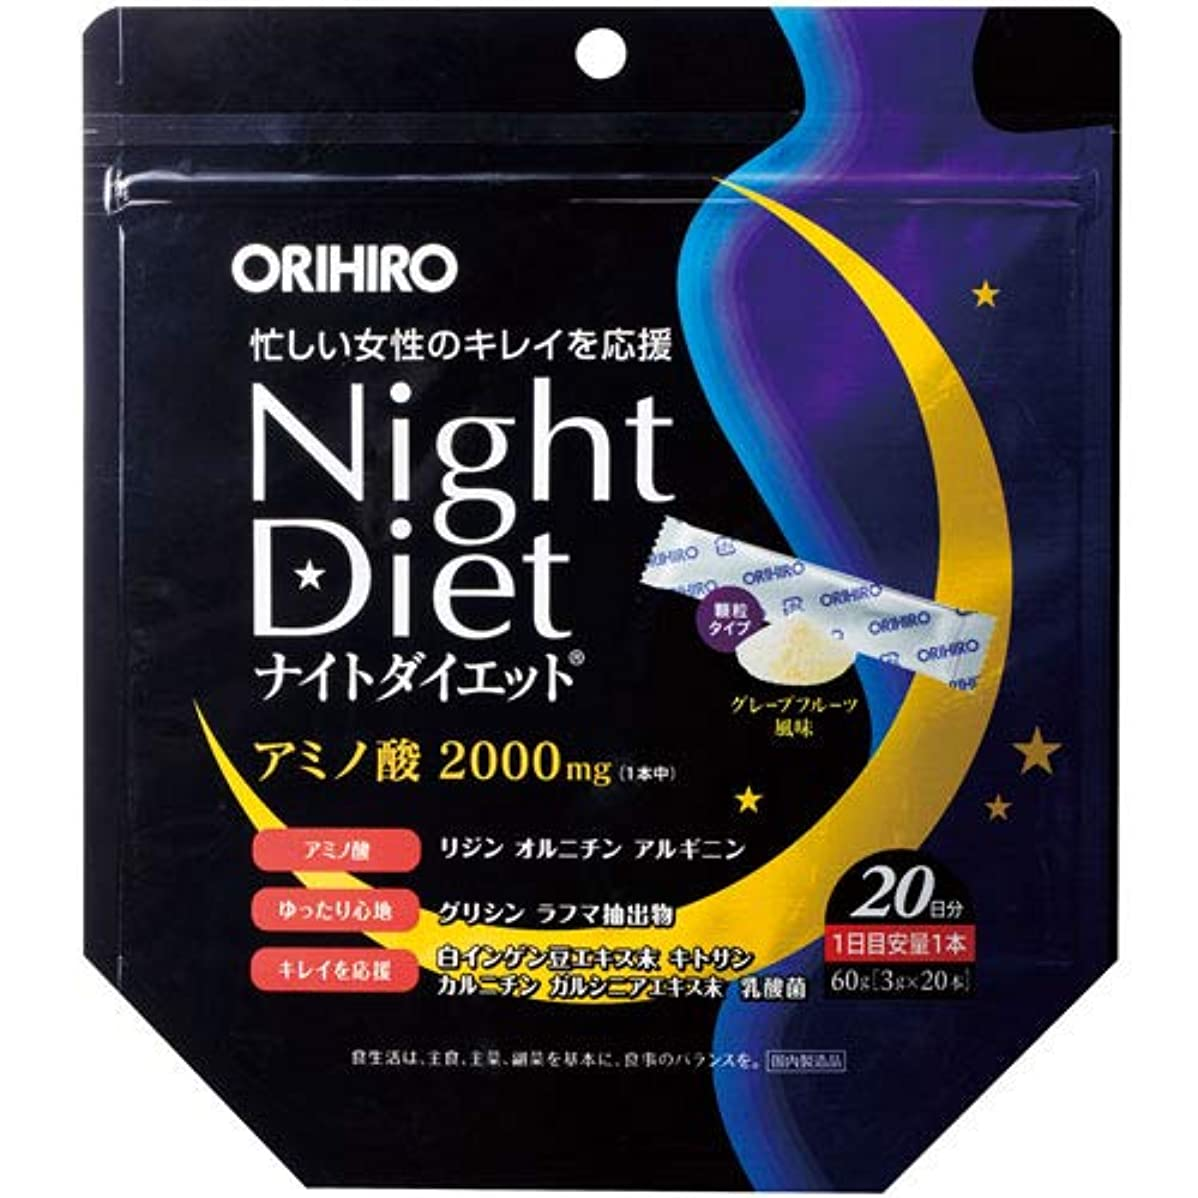 シネウィ創傷確保するオリヒロ ナイトダイエット 顆粒 20本×3個セット